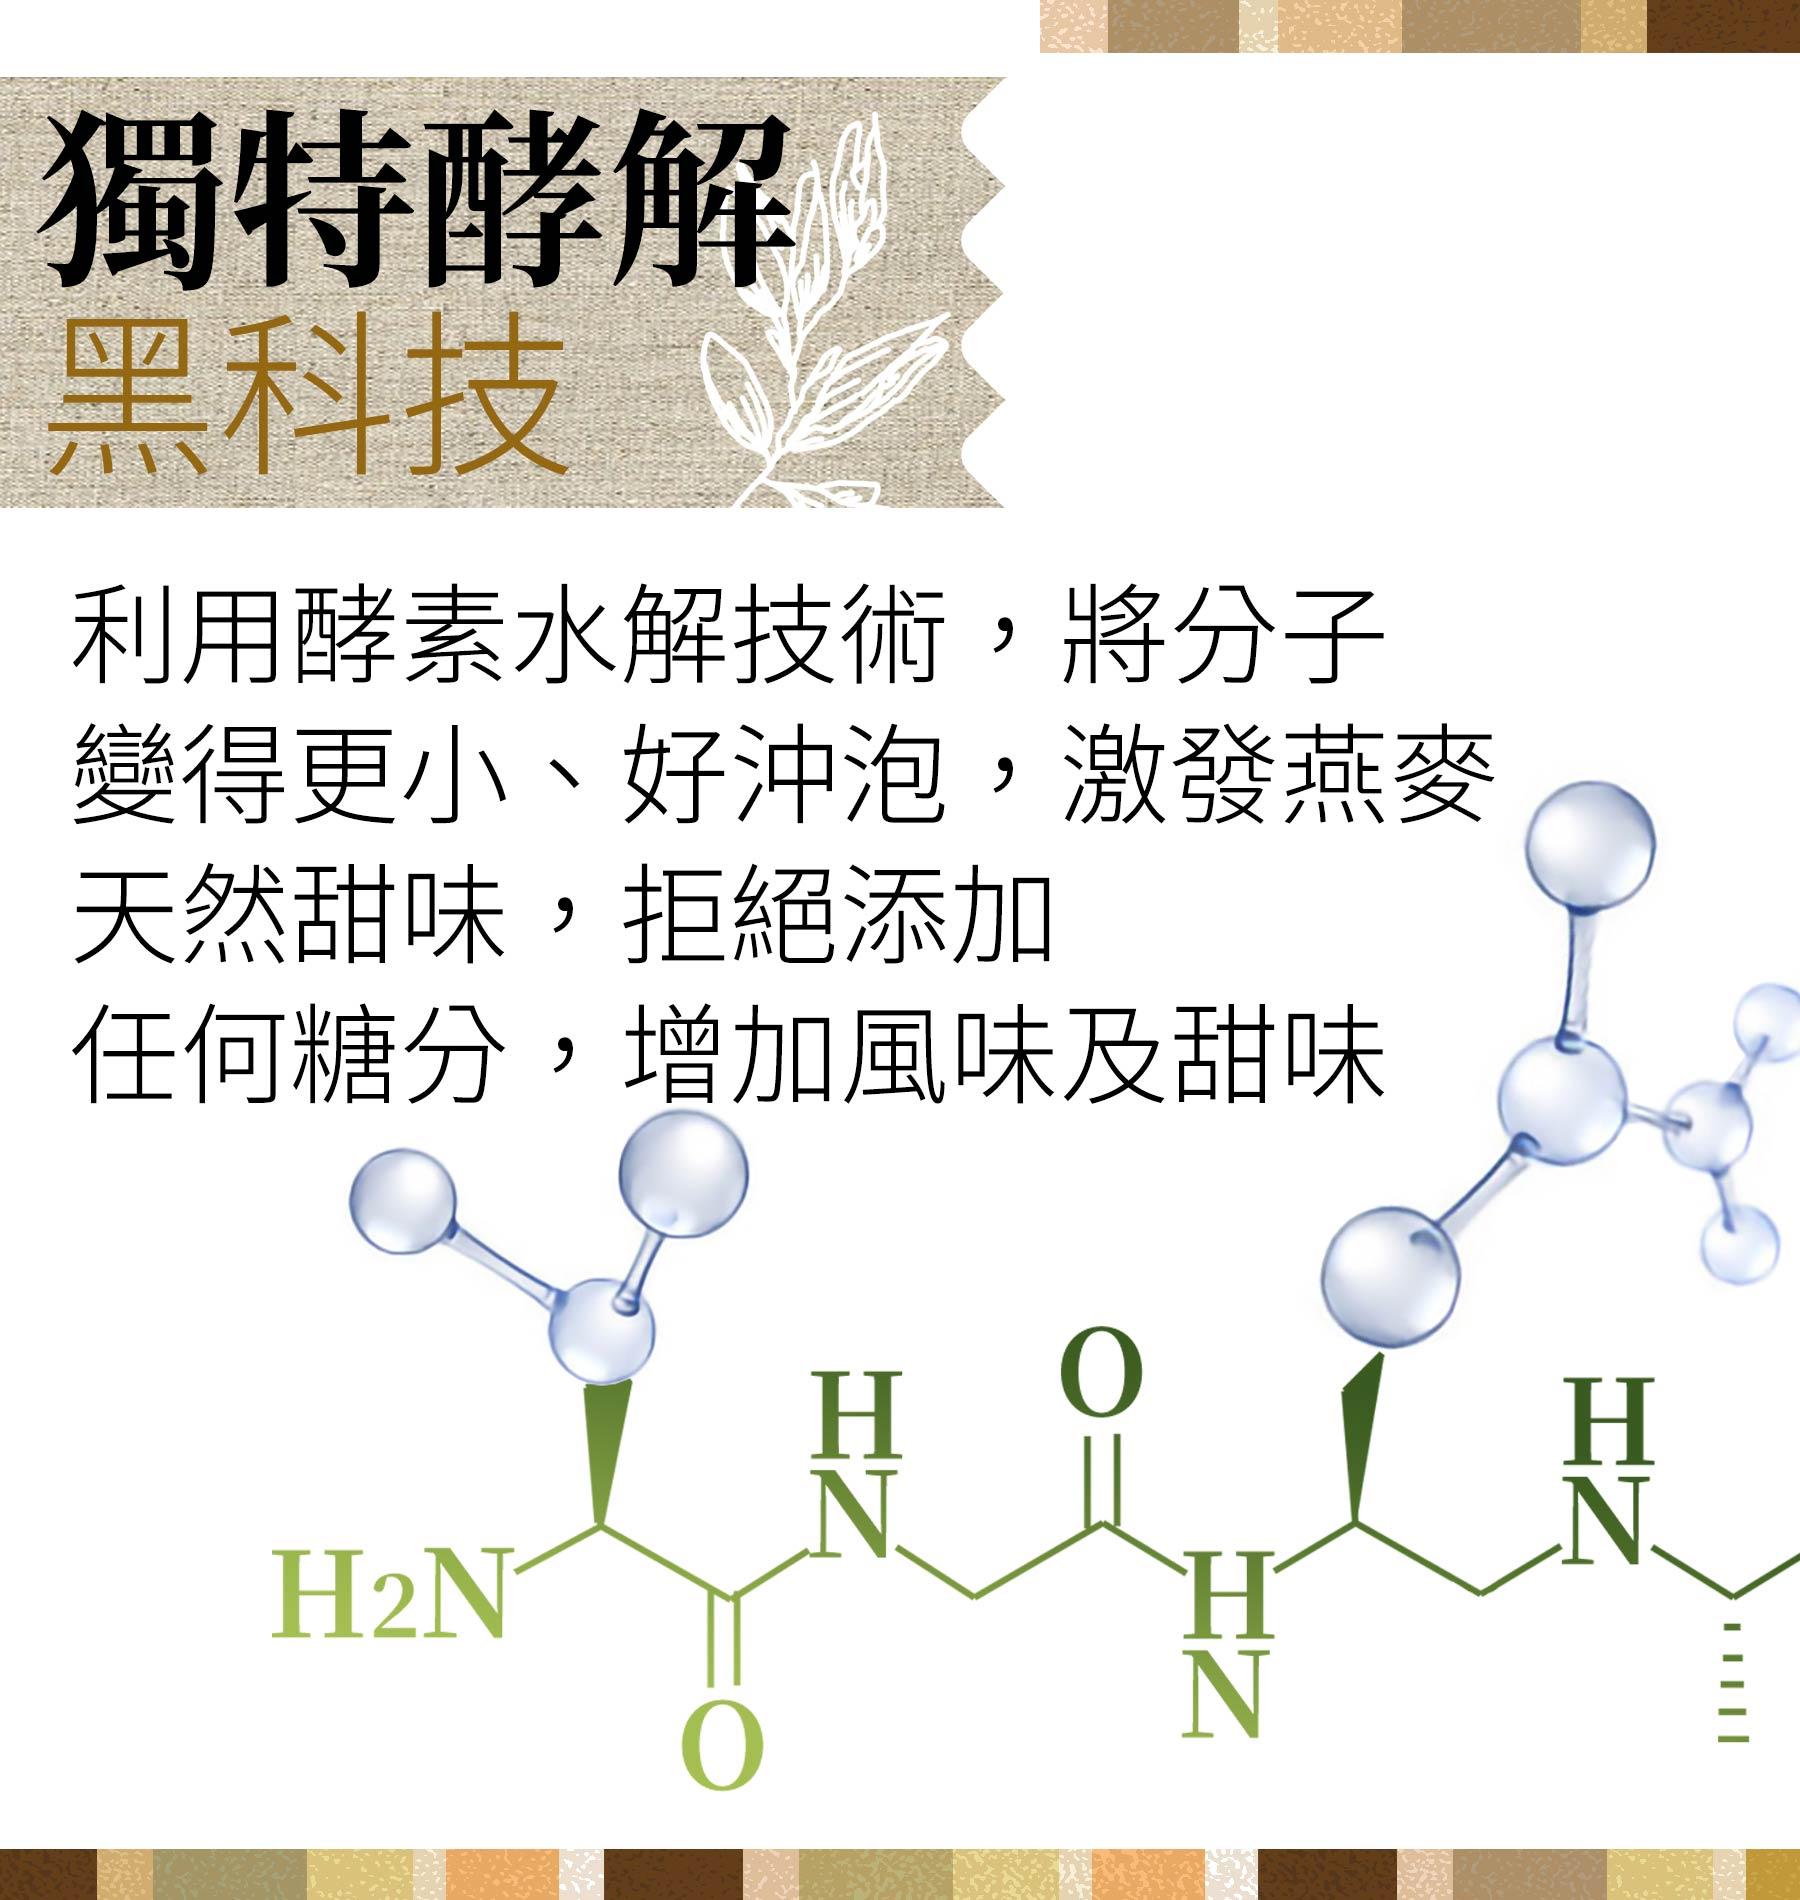 即溶葡聚醣酵解燕麥奶使用獨特酵解新技術製作